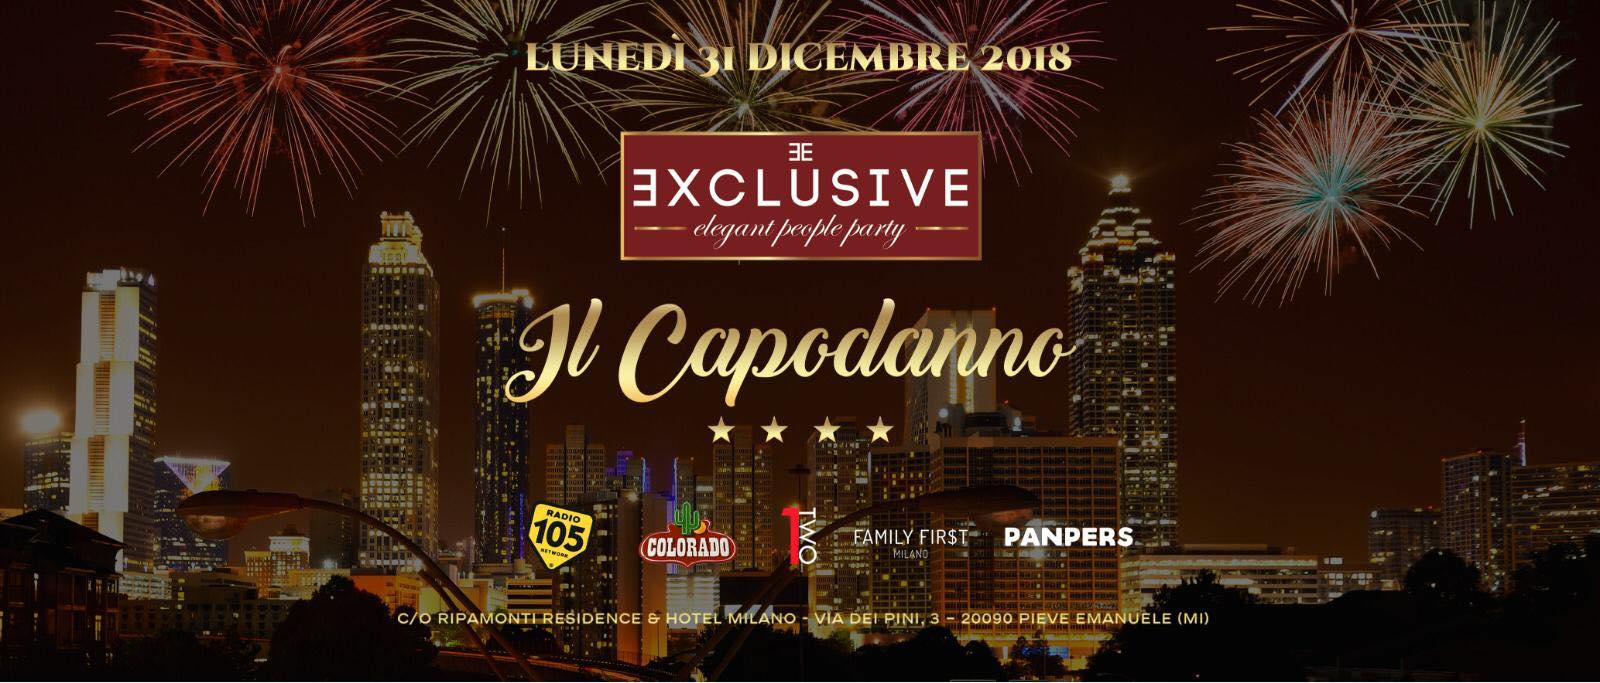 Capodanno Hotel Ripamonti 2019